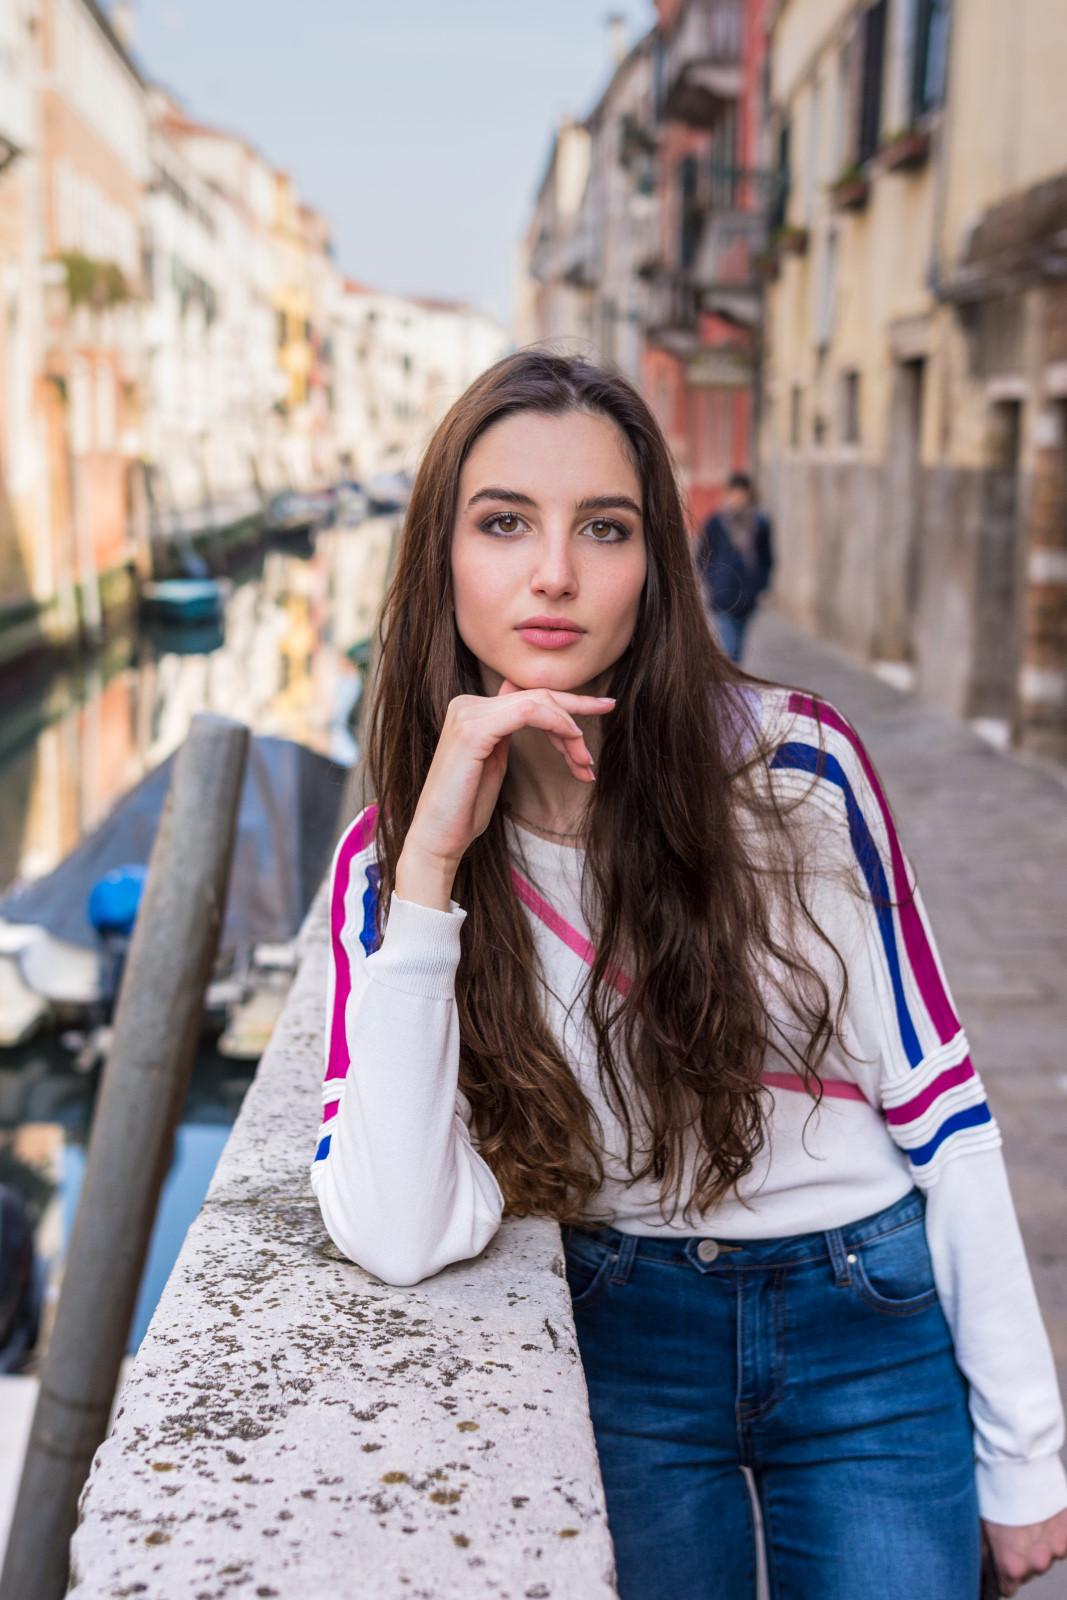 Clizia_201900302_scelte_lq_004_1.JPG